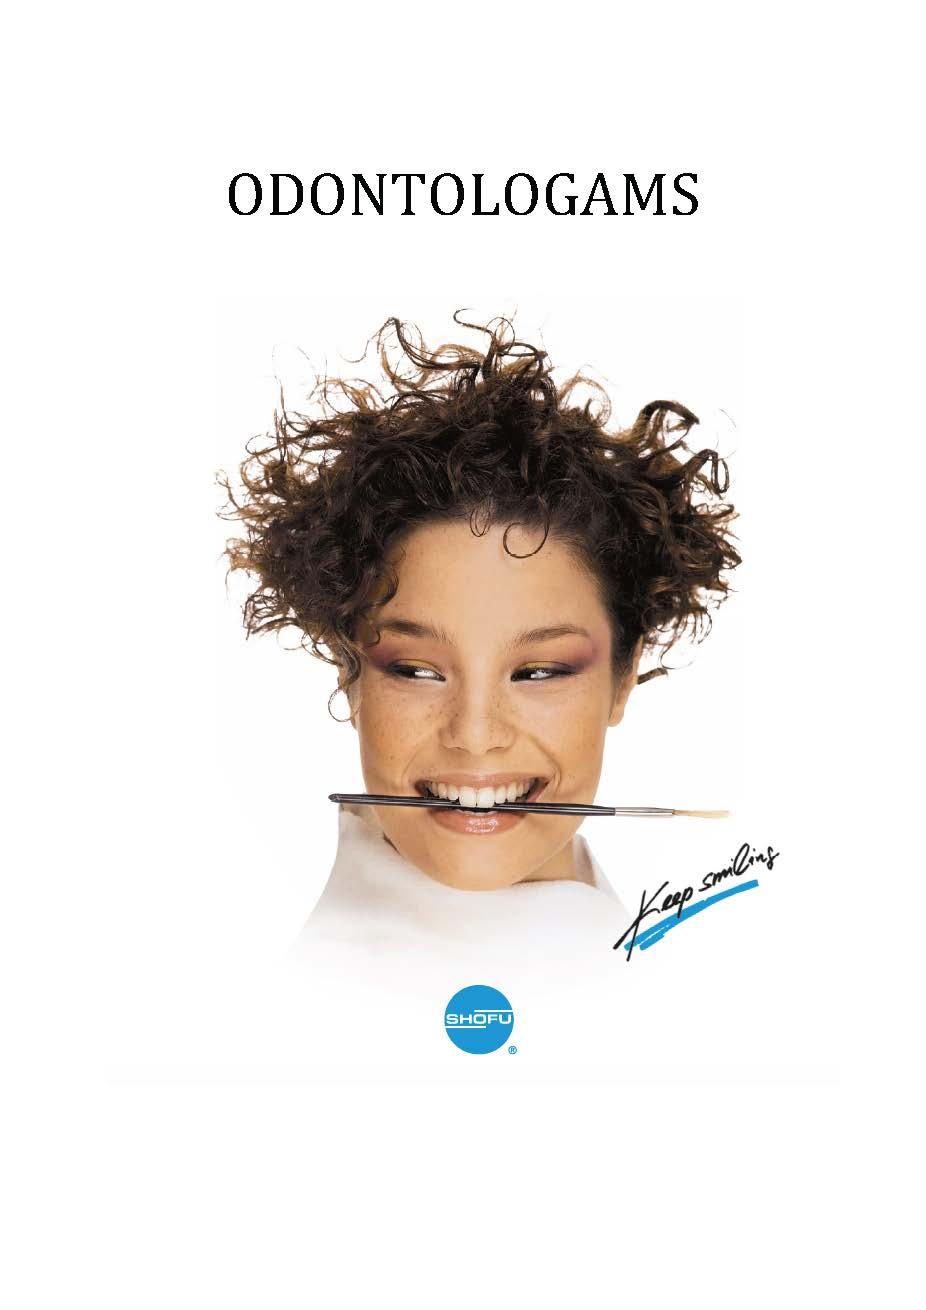 Odontologams